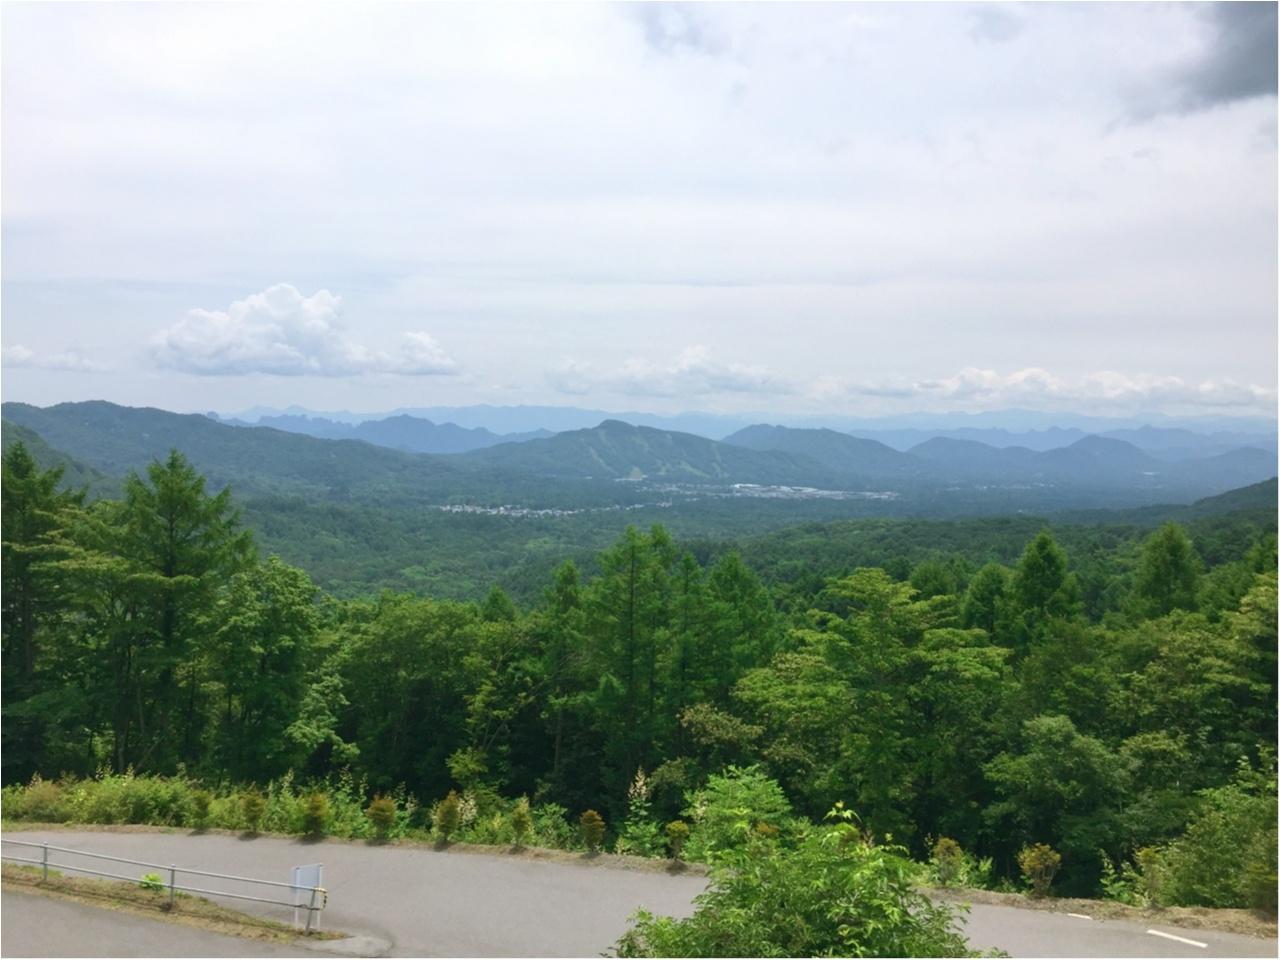 軽井沢の景色を一望するなら!まるで山の中に浮かぶような『天空カフェ・アウラ』へ!!_3